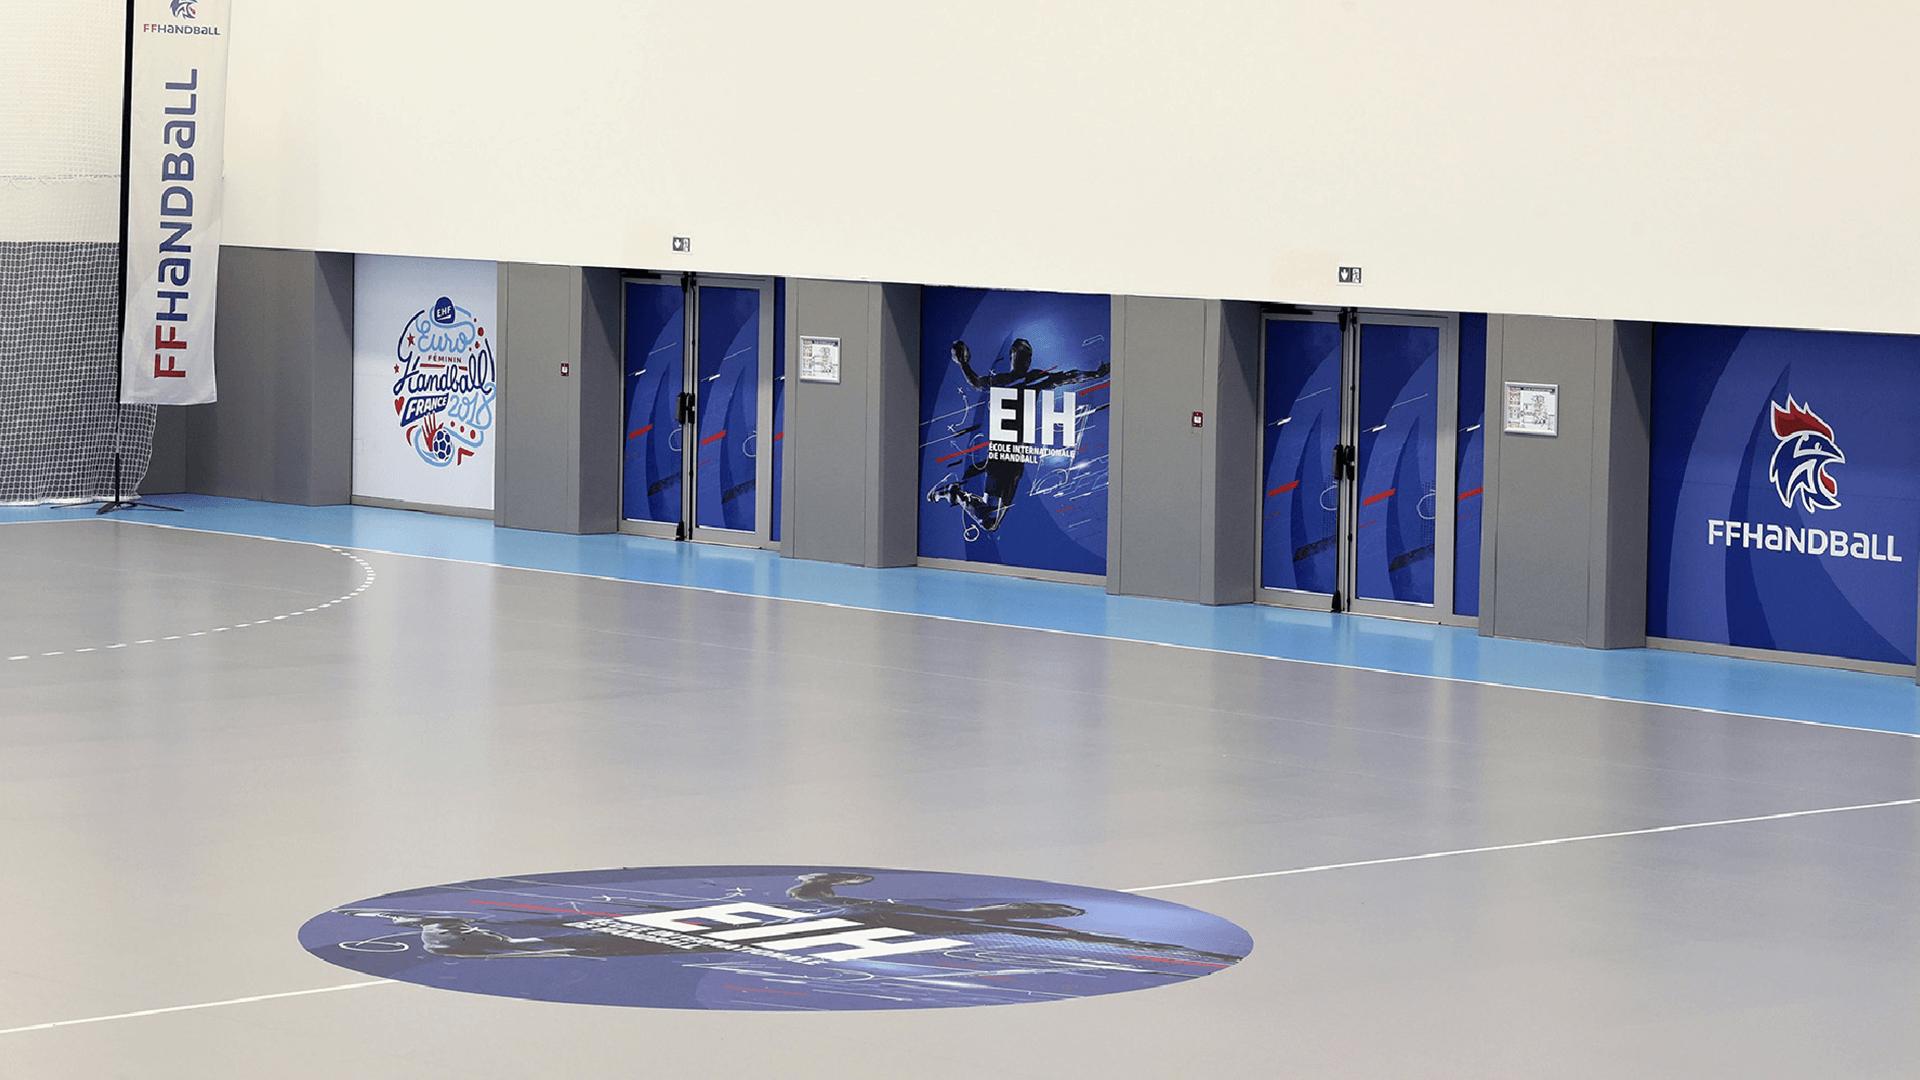 Affichage sur les portes du terrain de l'école Internationale de Handball